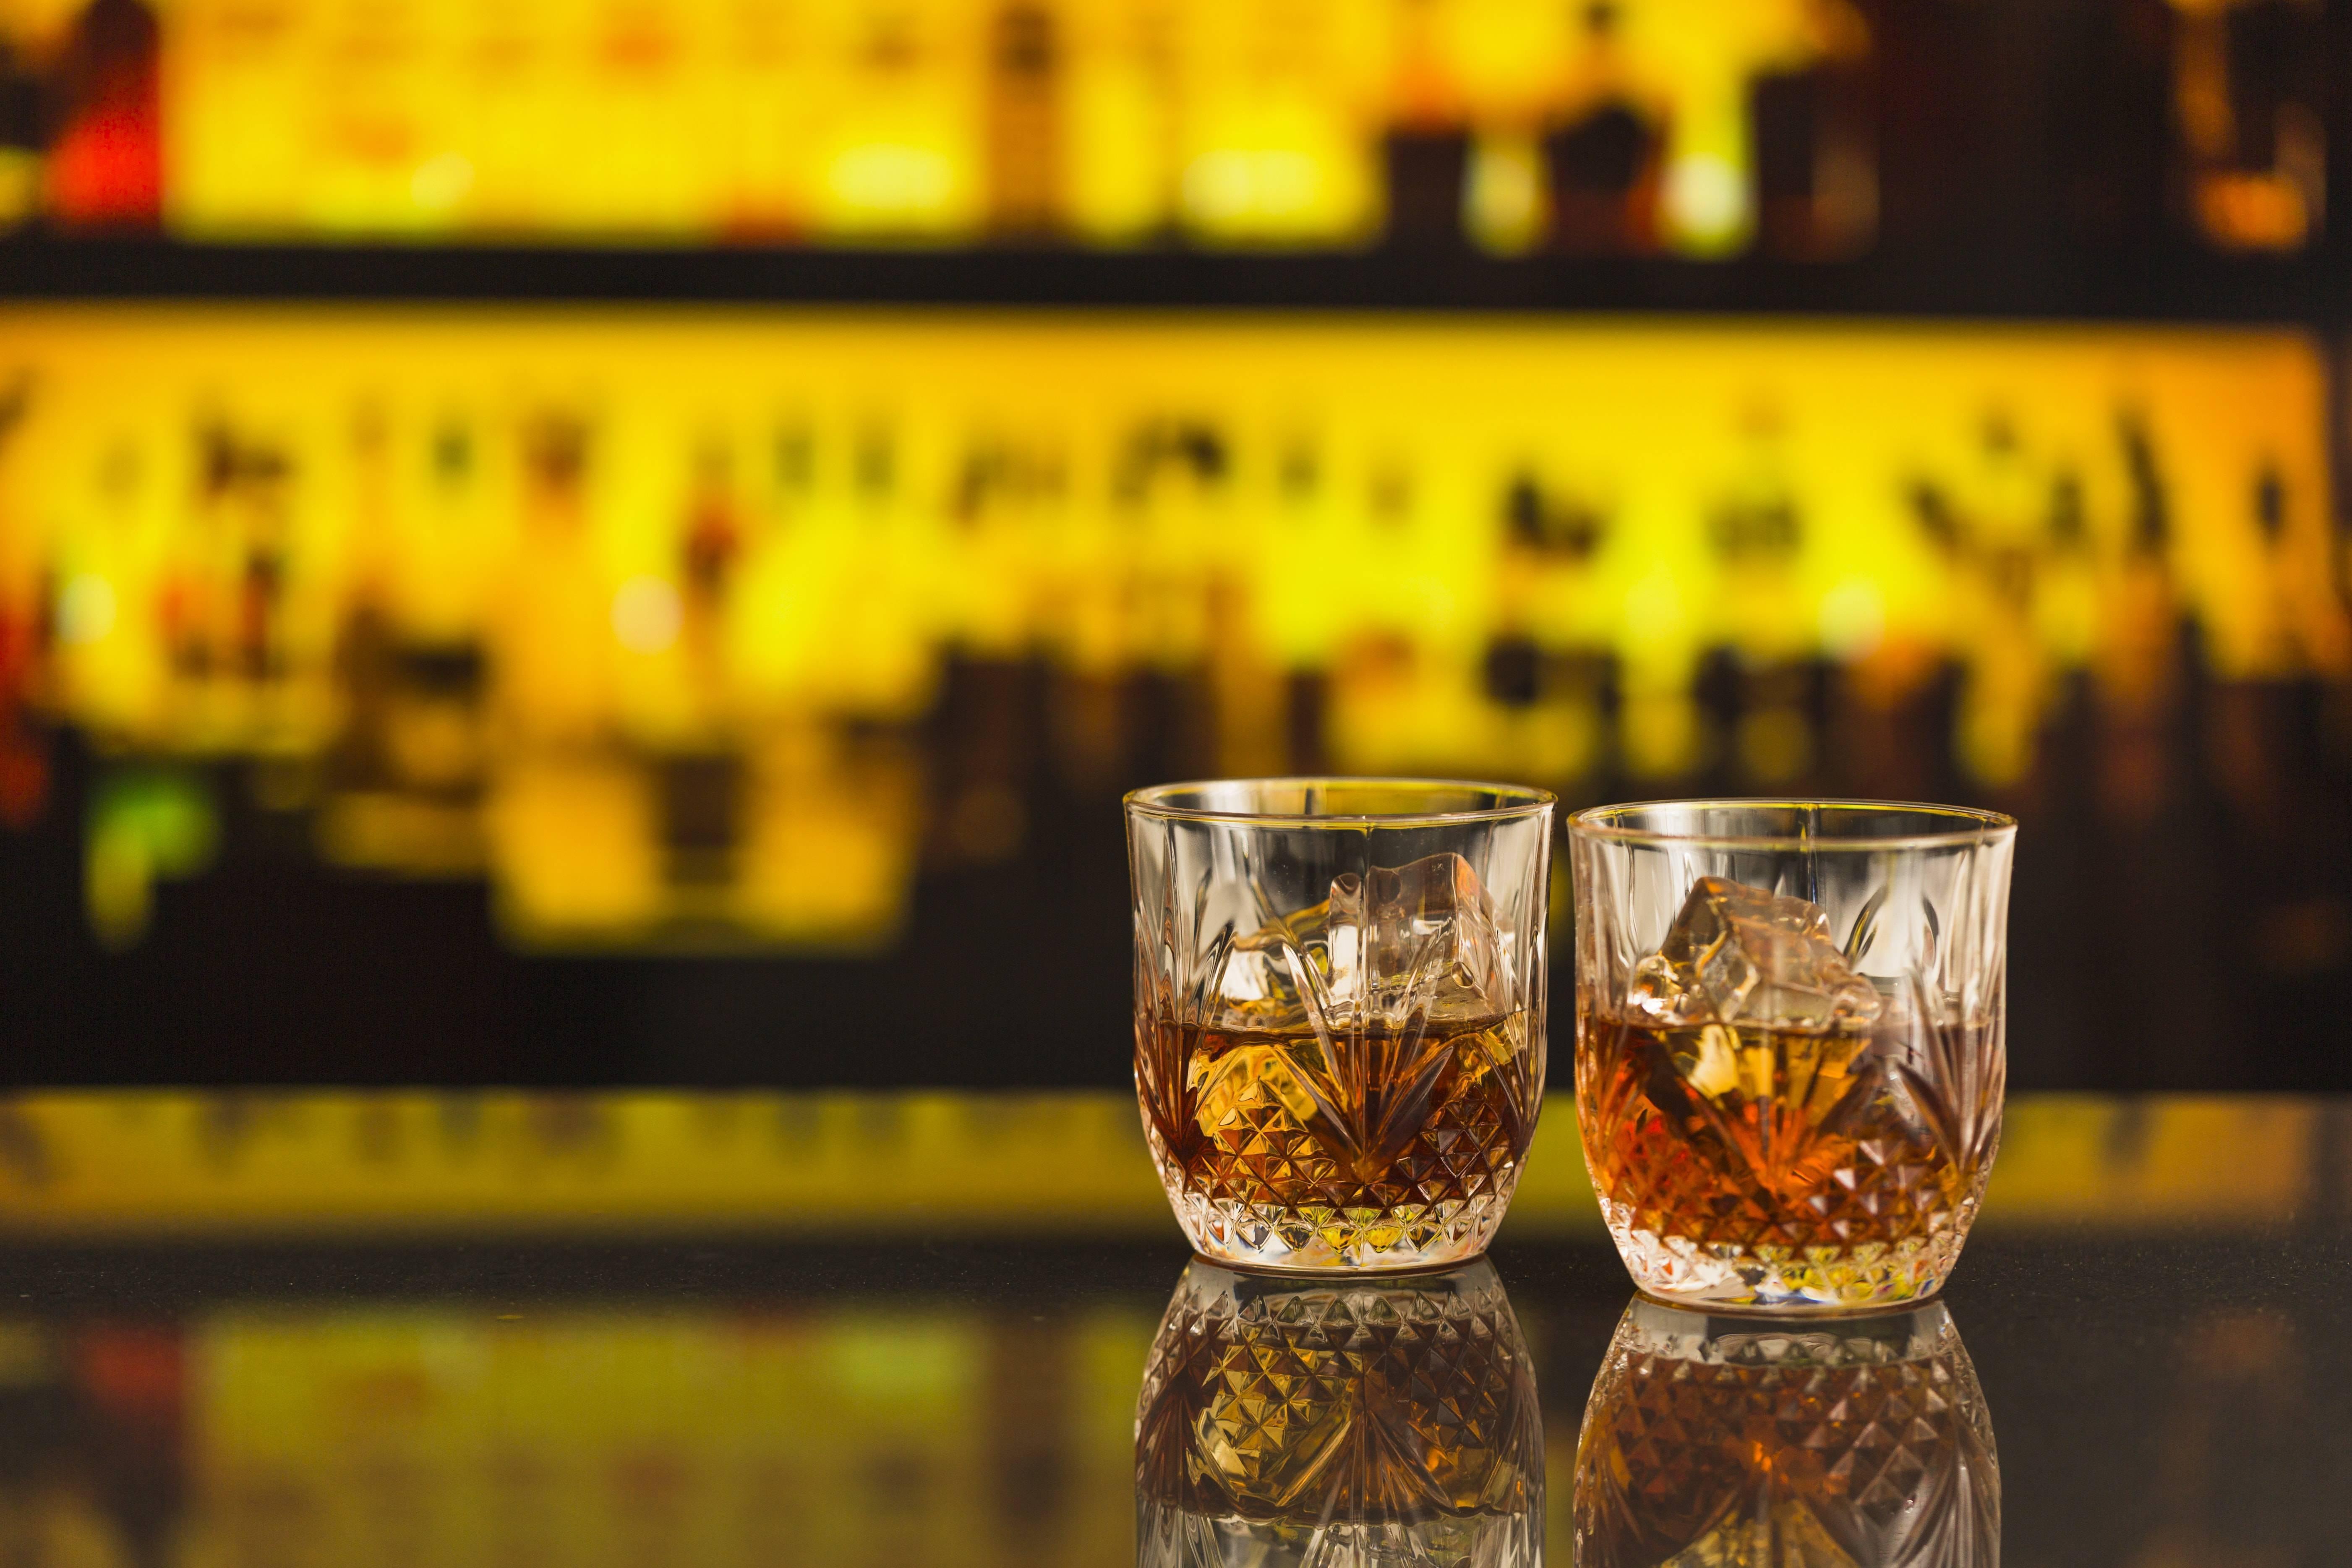 Как правильно пить виски скотч? какой виски пить? как пить виски с колой?